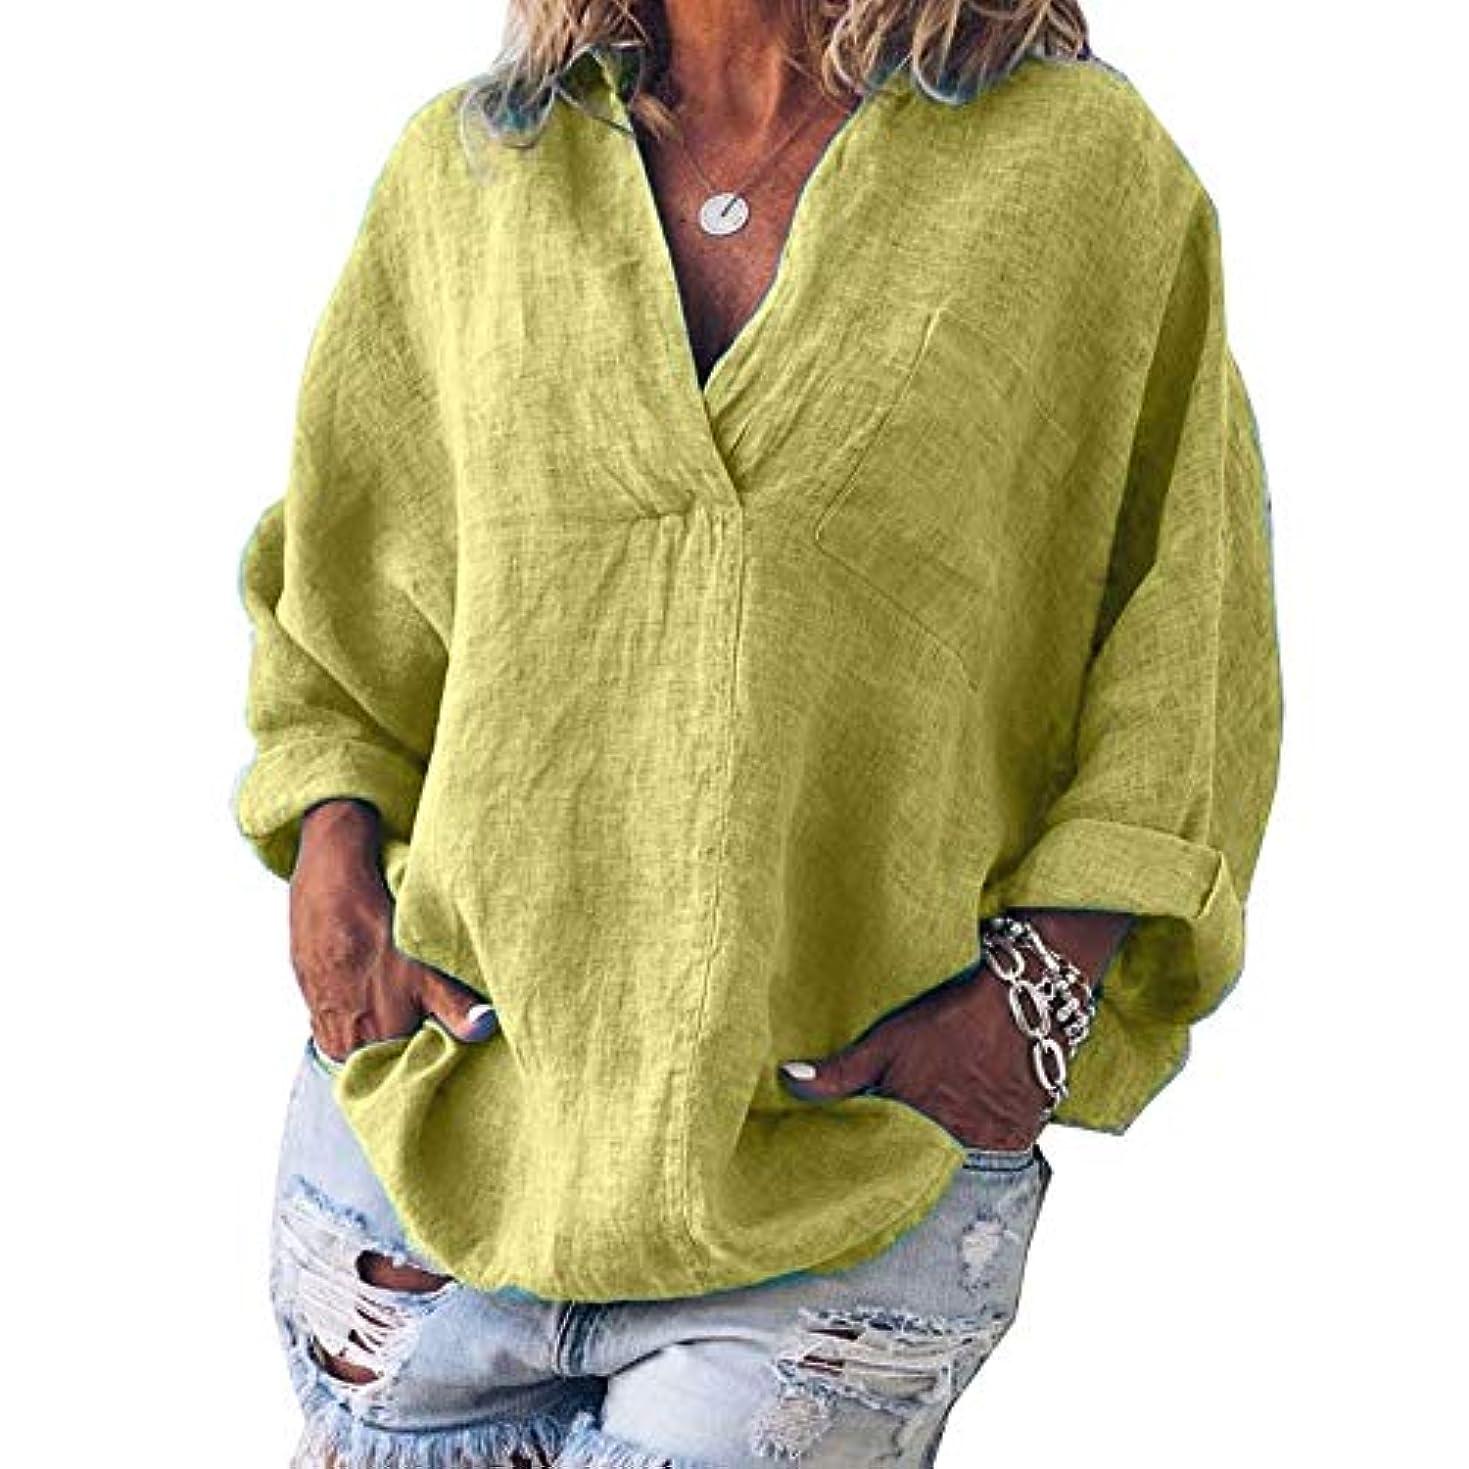 閉塞瞑想的スクラップブックMIFAN女性ファッション春夏チュニックトップス深いVネックTシャツ長袖プルオーバールーズリネンブラウス